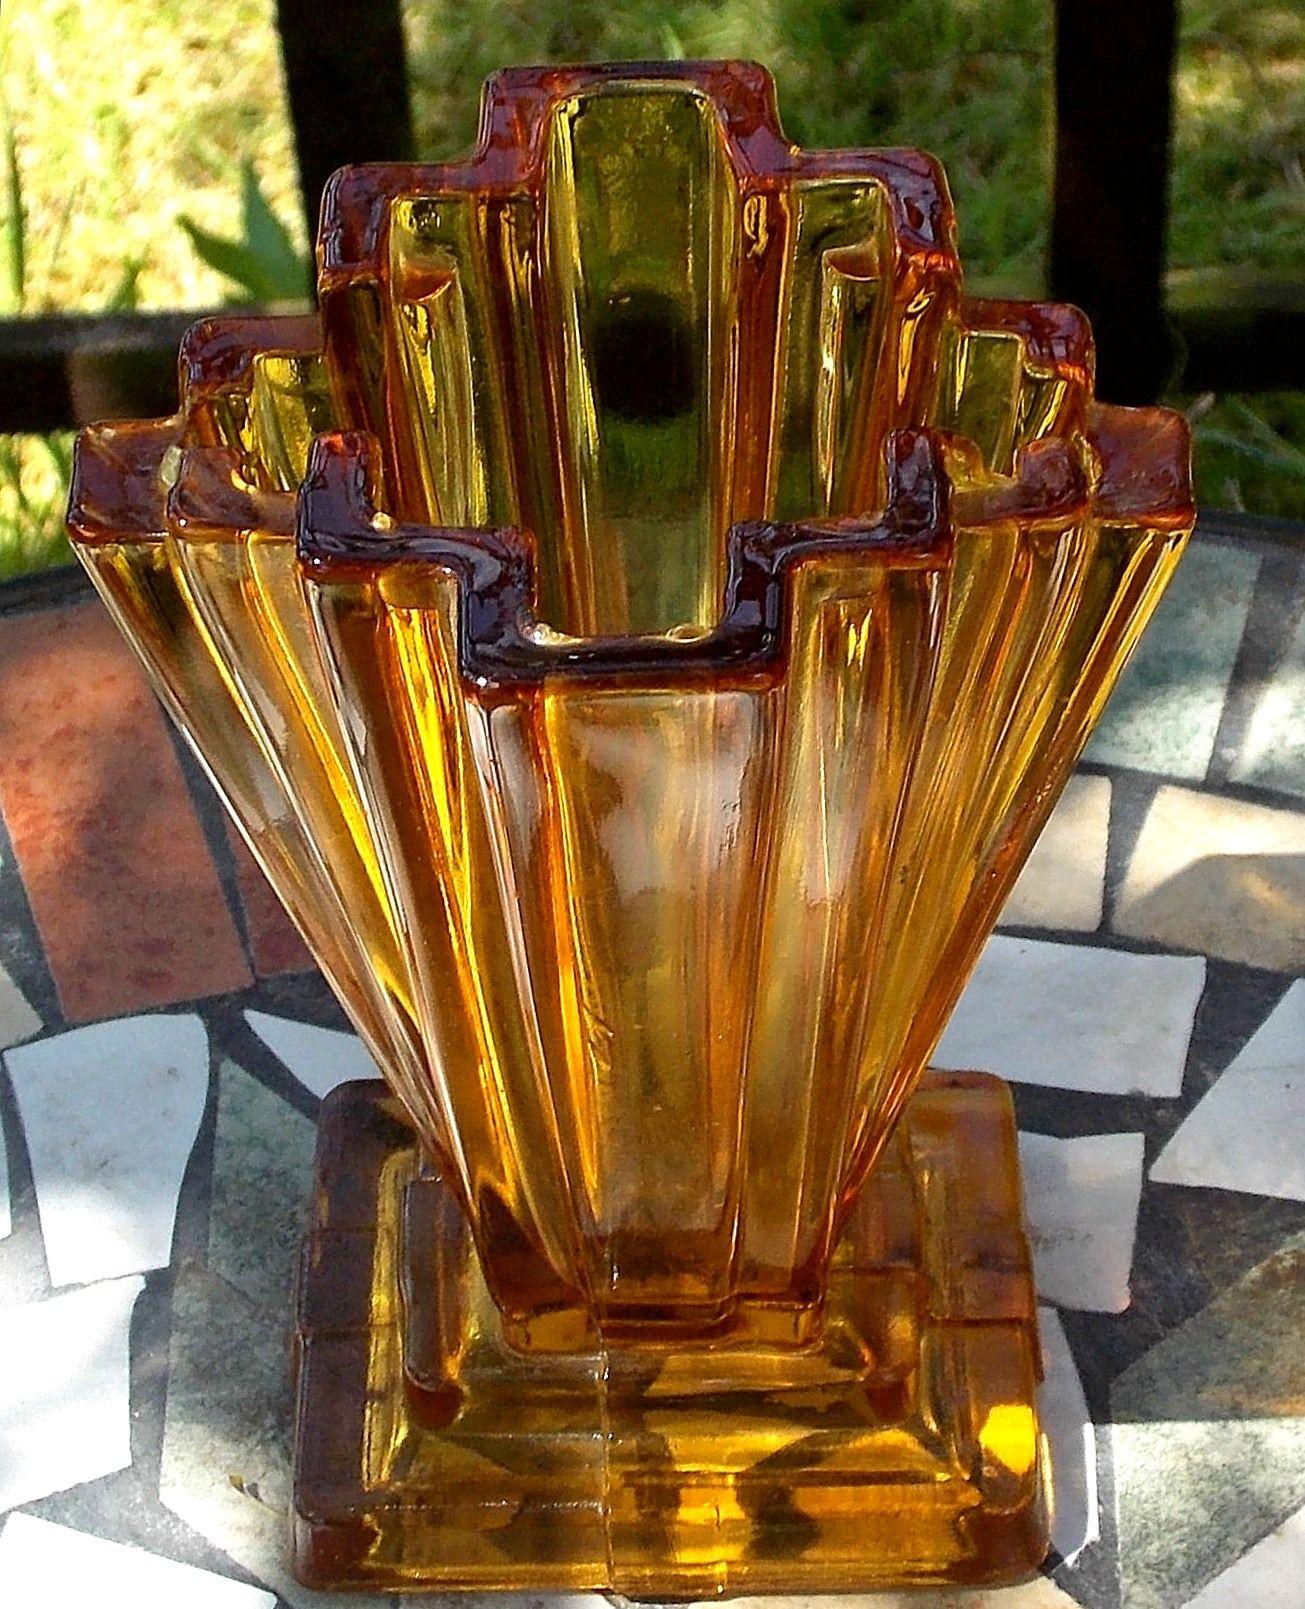 art deco crystal vase of art deco bagley winged vase in amber glass pattern 334 named with regard to art deco bagley winged vase in amber glass pattern 334 named grantham fantastic art